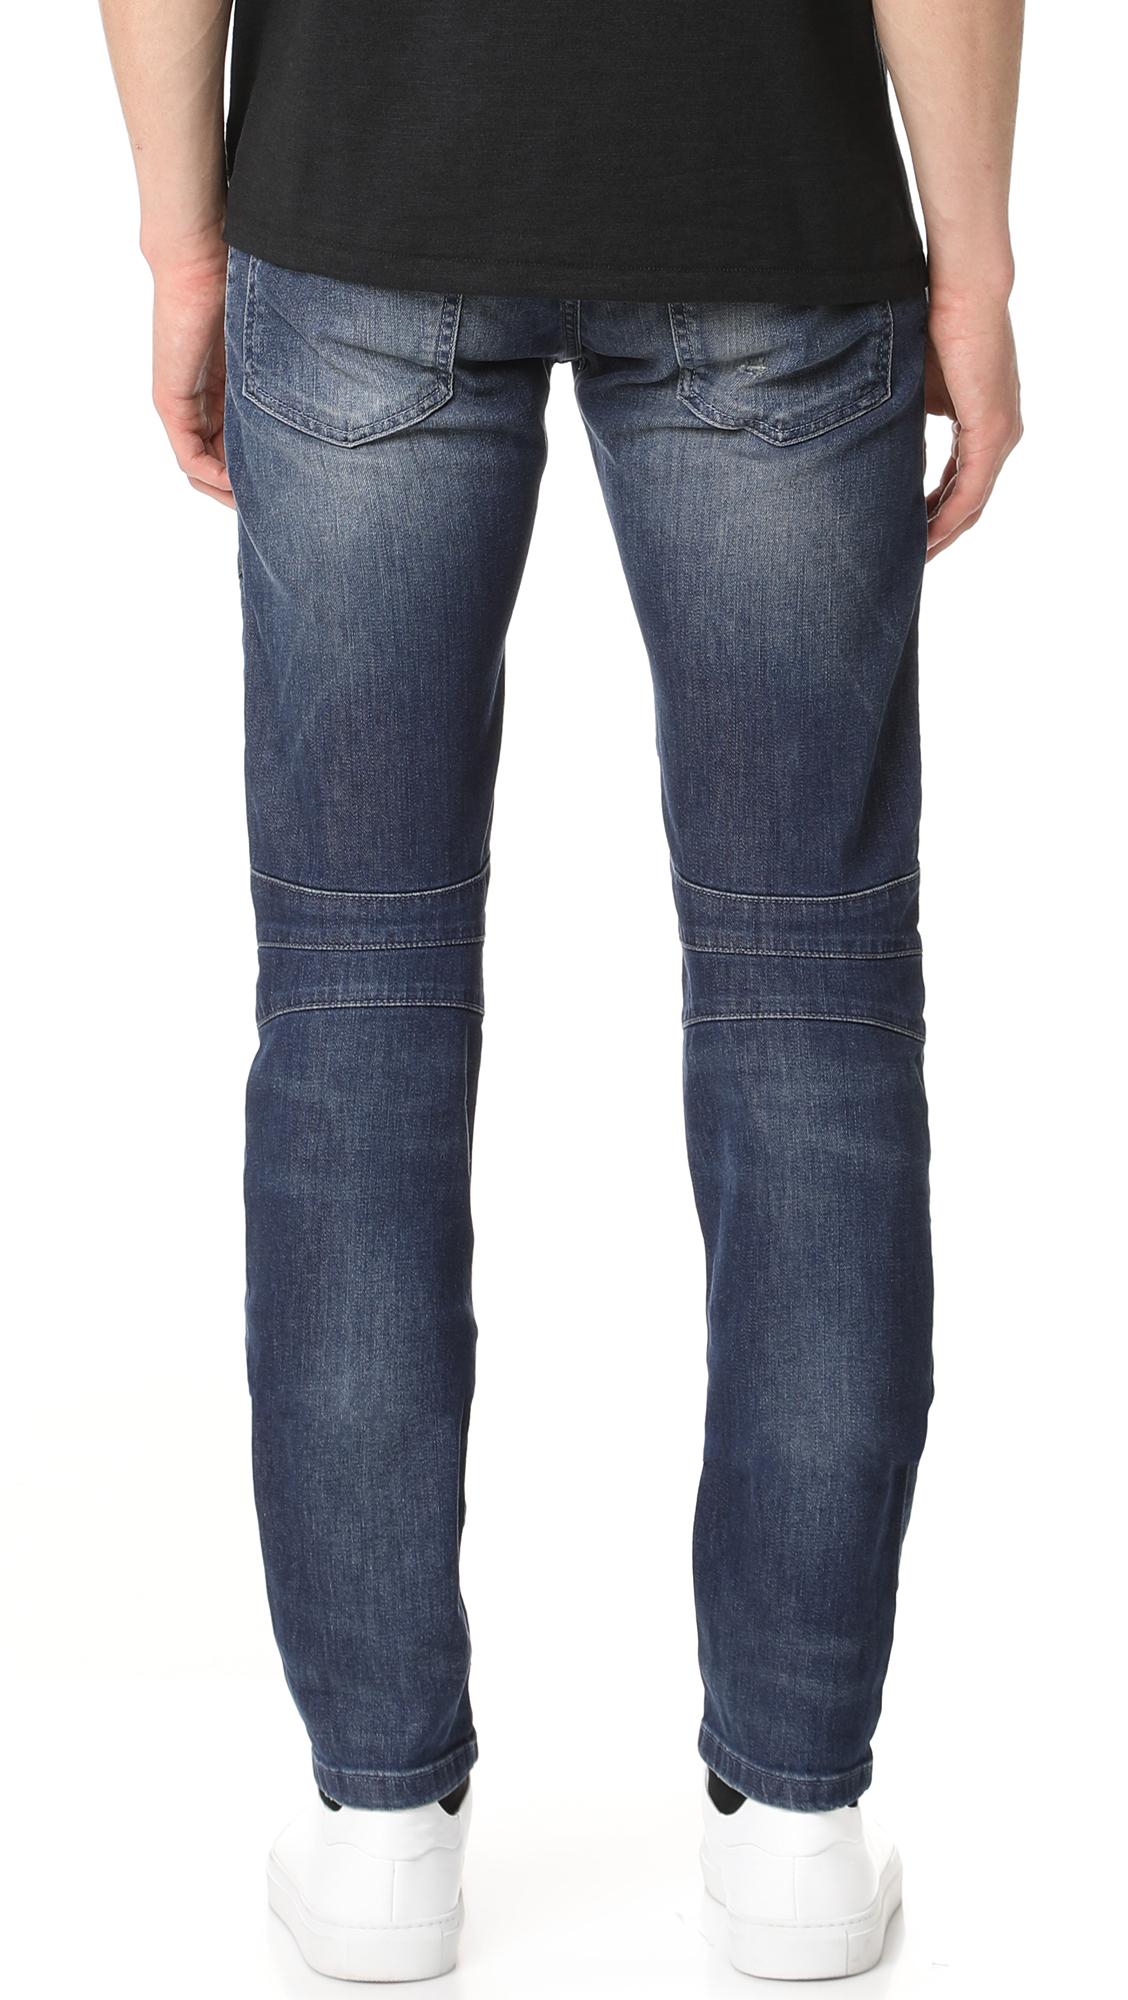 PIERRE BALMAIN Moto Jeans in Denim Blue   ModeSens